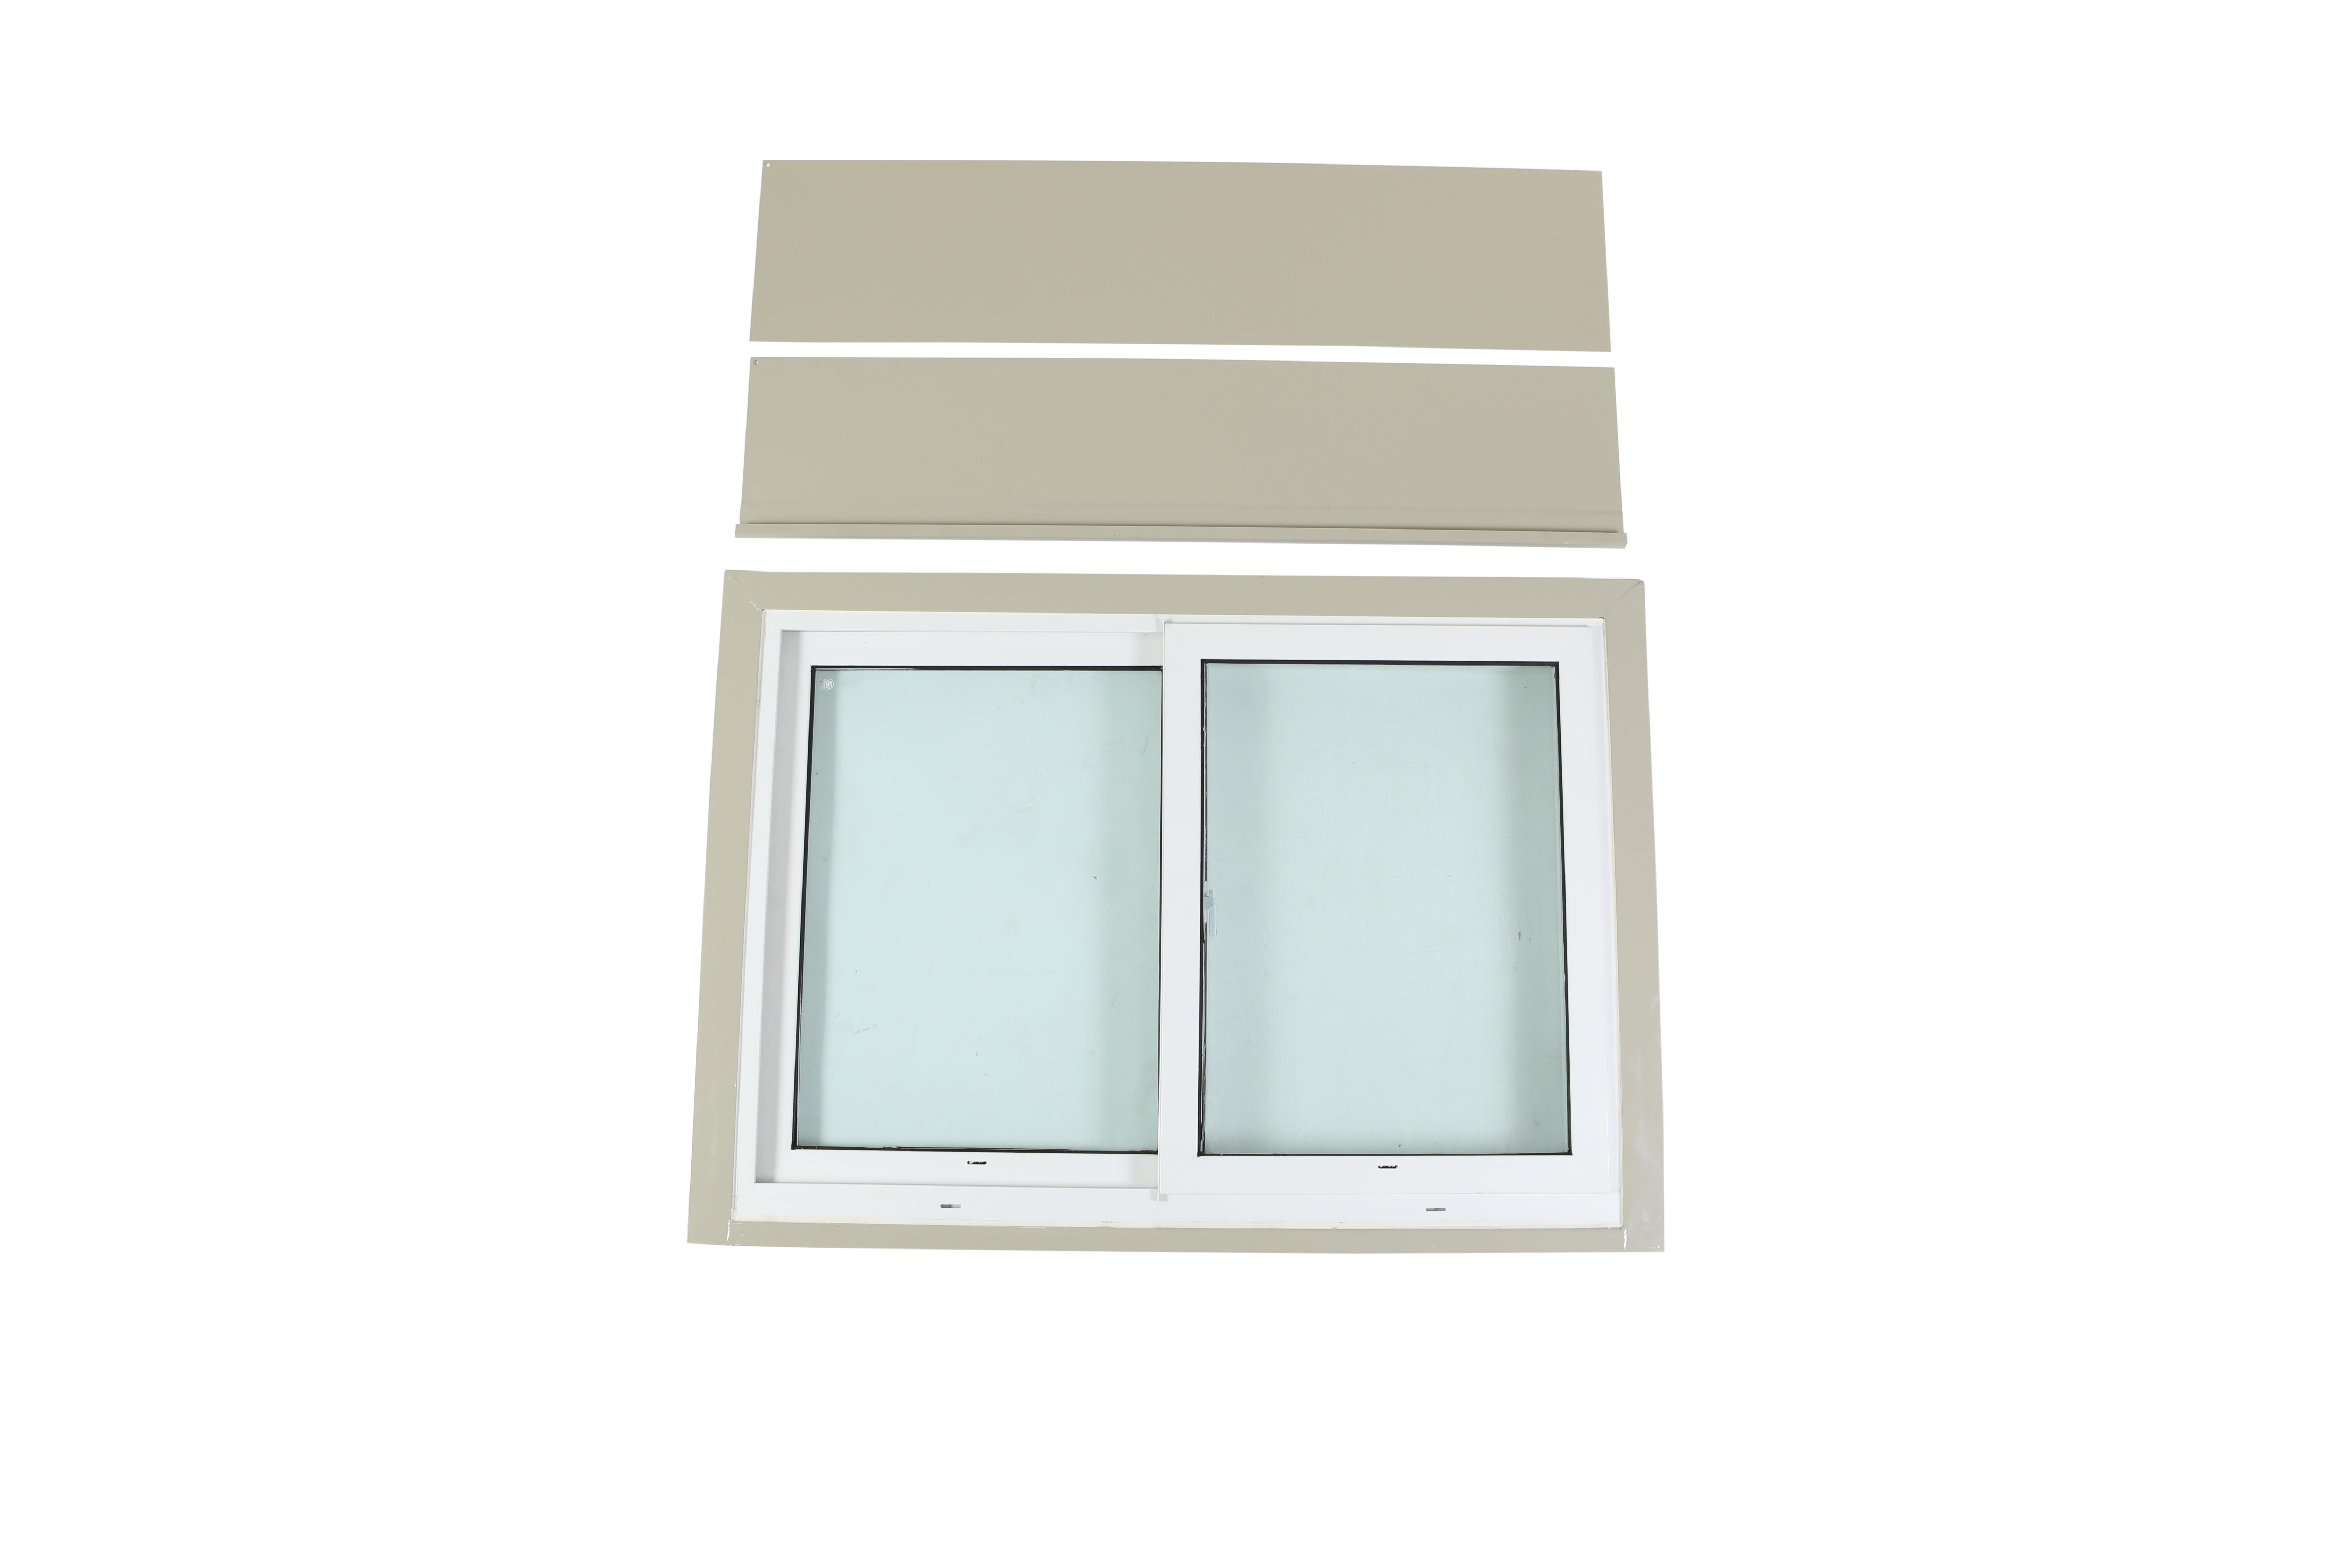 #6064 B Insta 3'x4' Window Drip Plate Extension